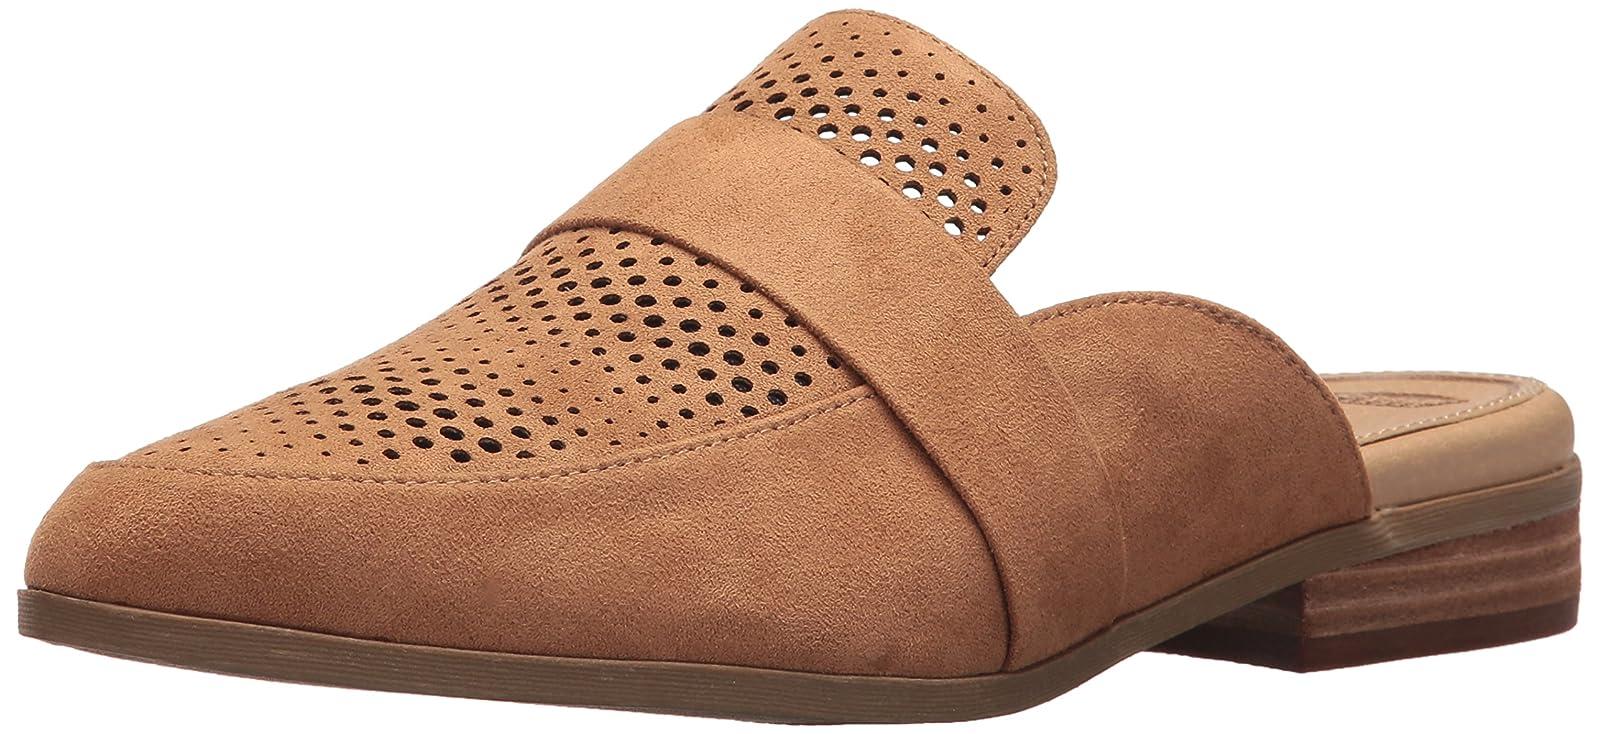 Dr. Scholl's Shoes Women's Exact Chop Mule F6419F1 - 1